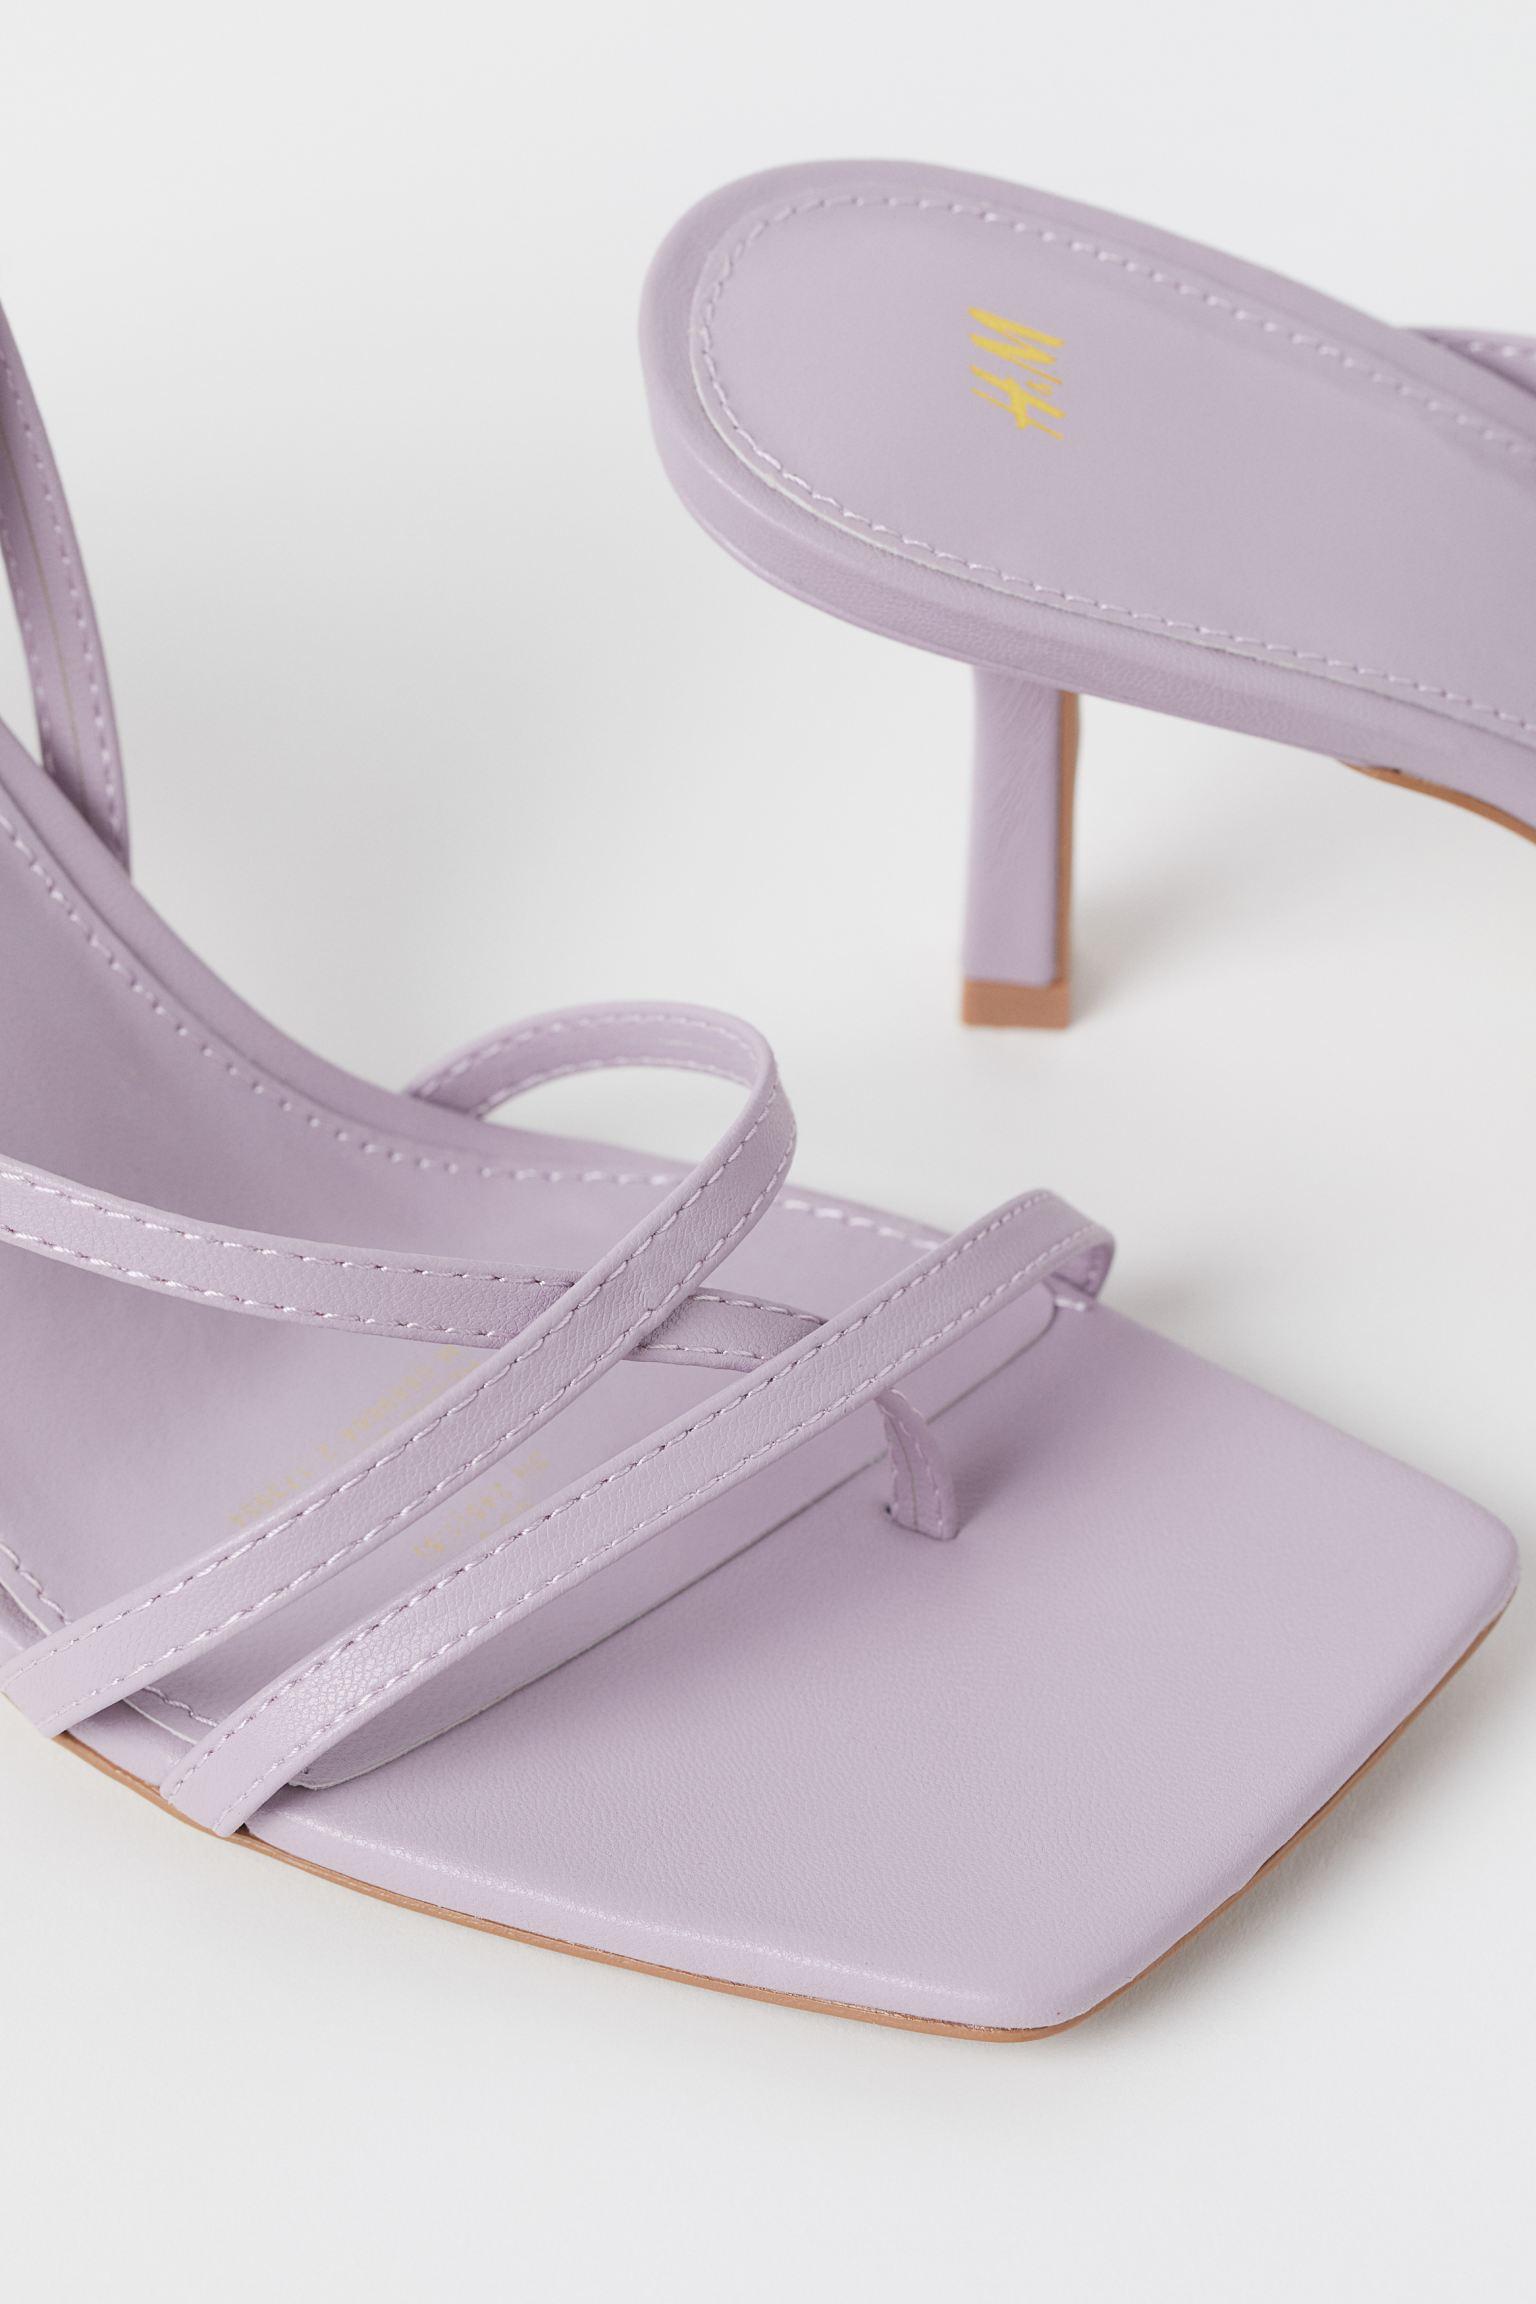 Sandalias lila de tacón con tiras cruzadas